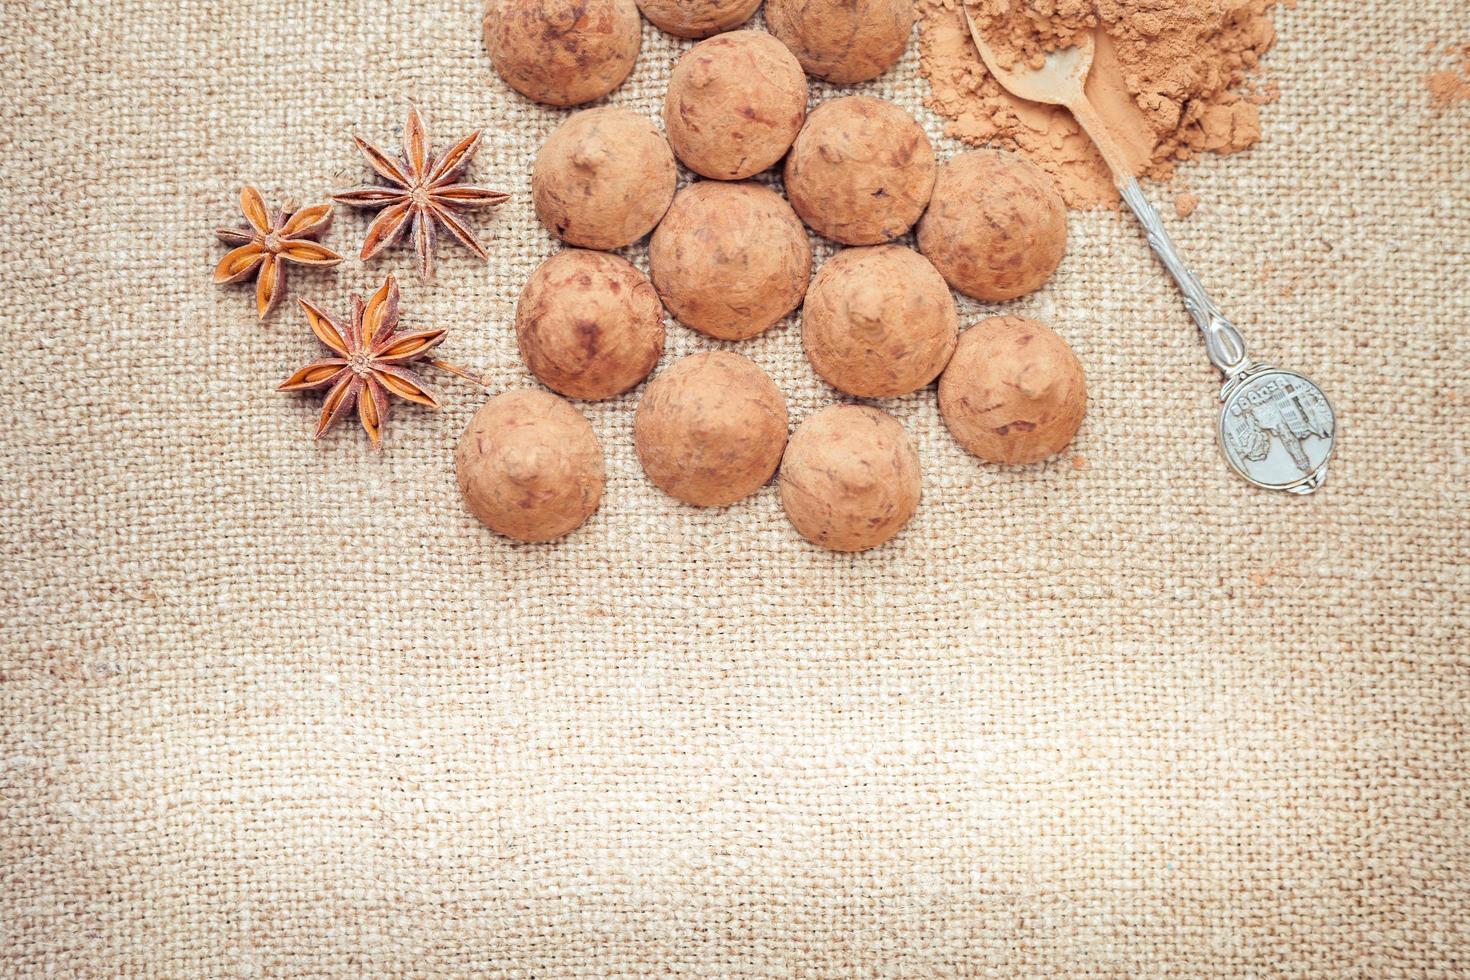 Schokoladentrüffel Bonbons auf einem Hintergrund der Sackleinenbeutel Textur foto